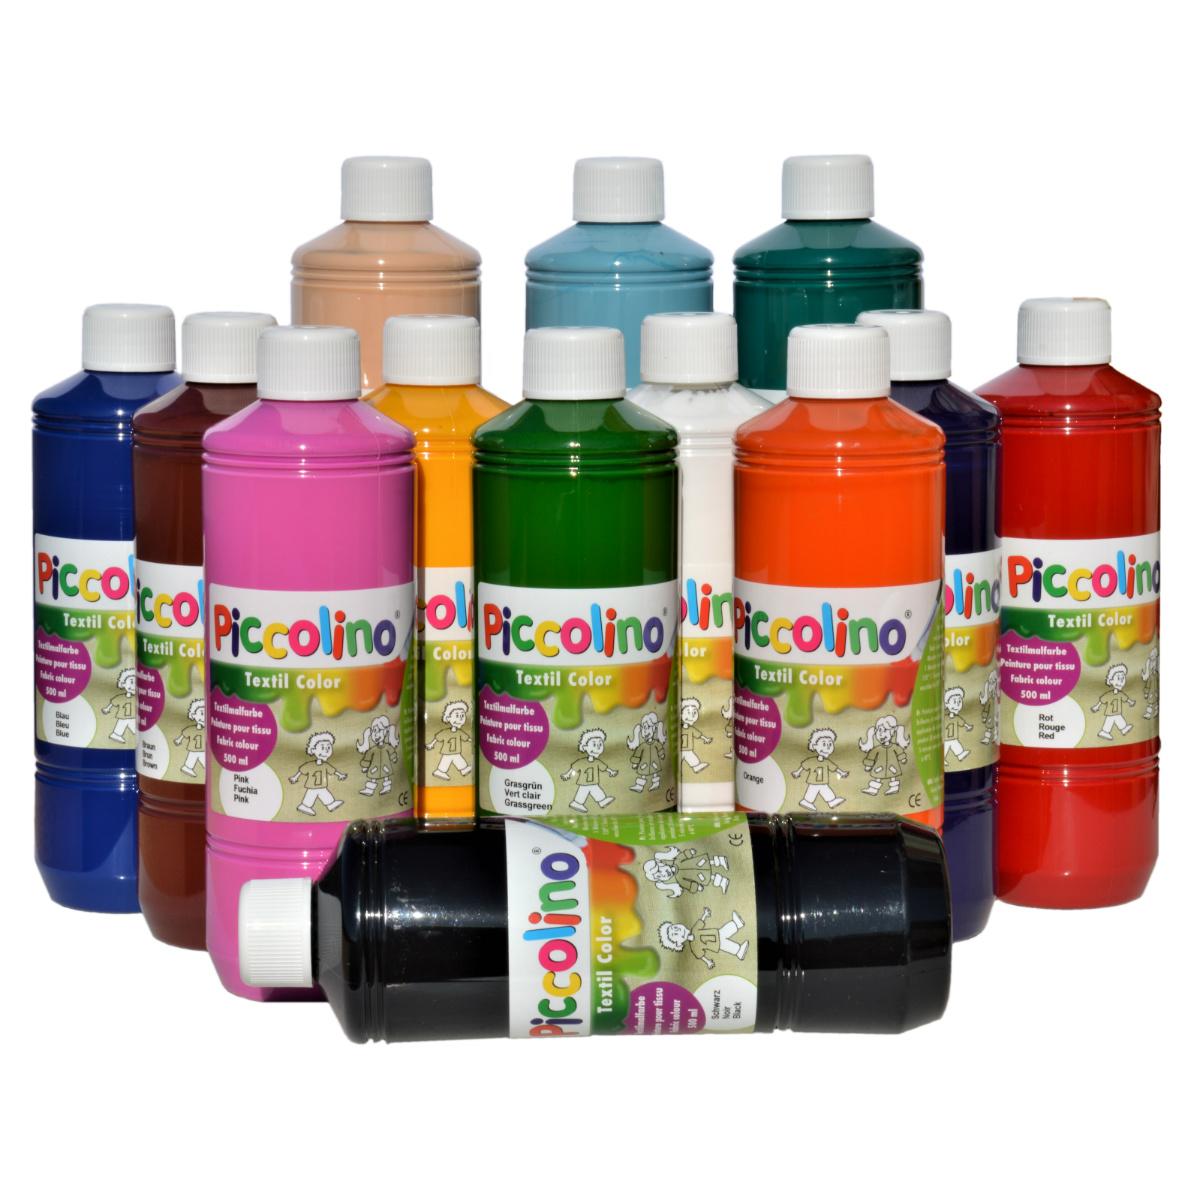 PICCOLINO Textilfarben Set 13 x 500 ml - Stoffmalfarben für helle Stoffe